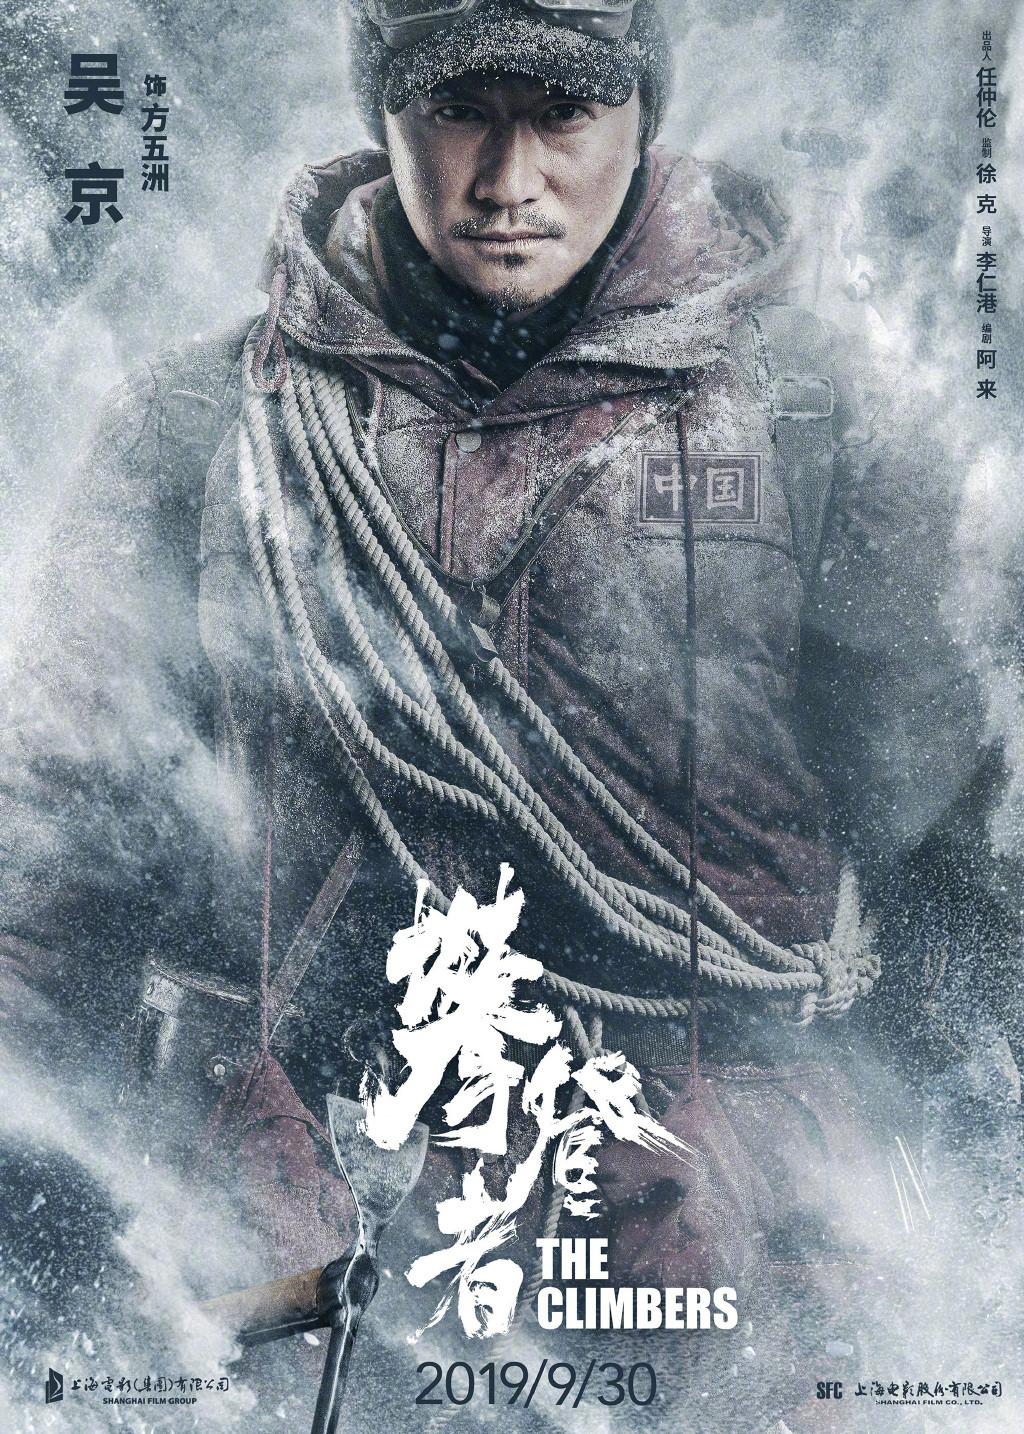 原创《攀登者》发海报致敬登顶珠峰59周年,吴京章子怡登山造型首曝光